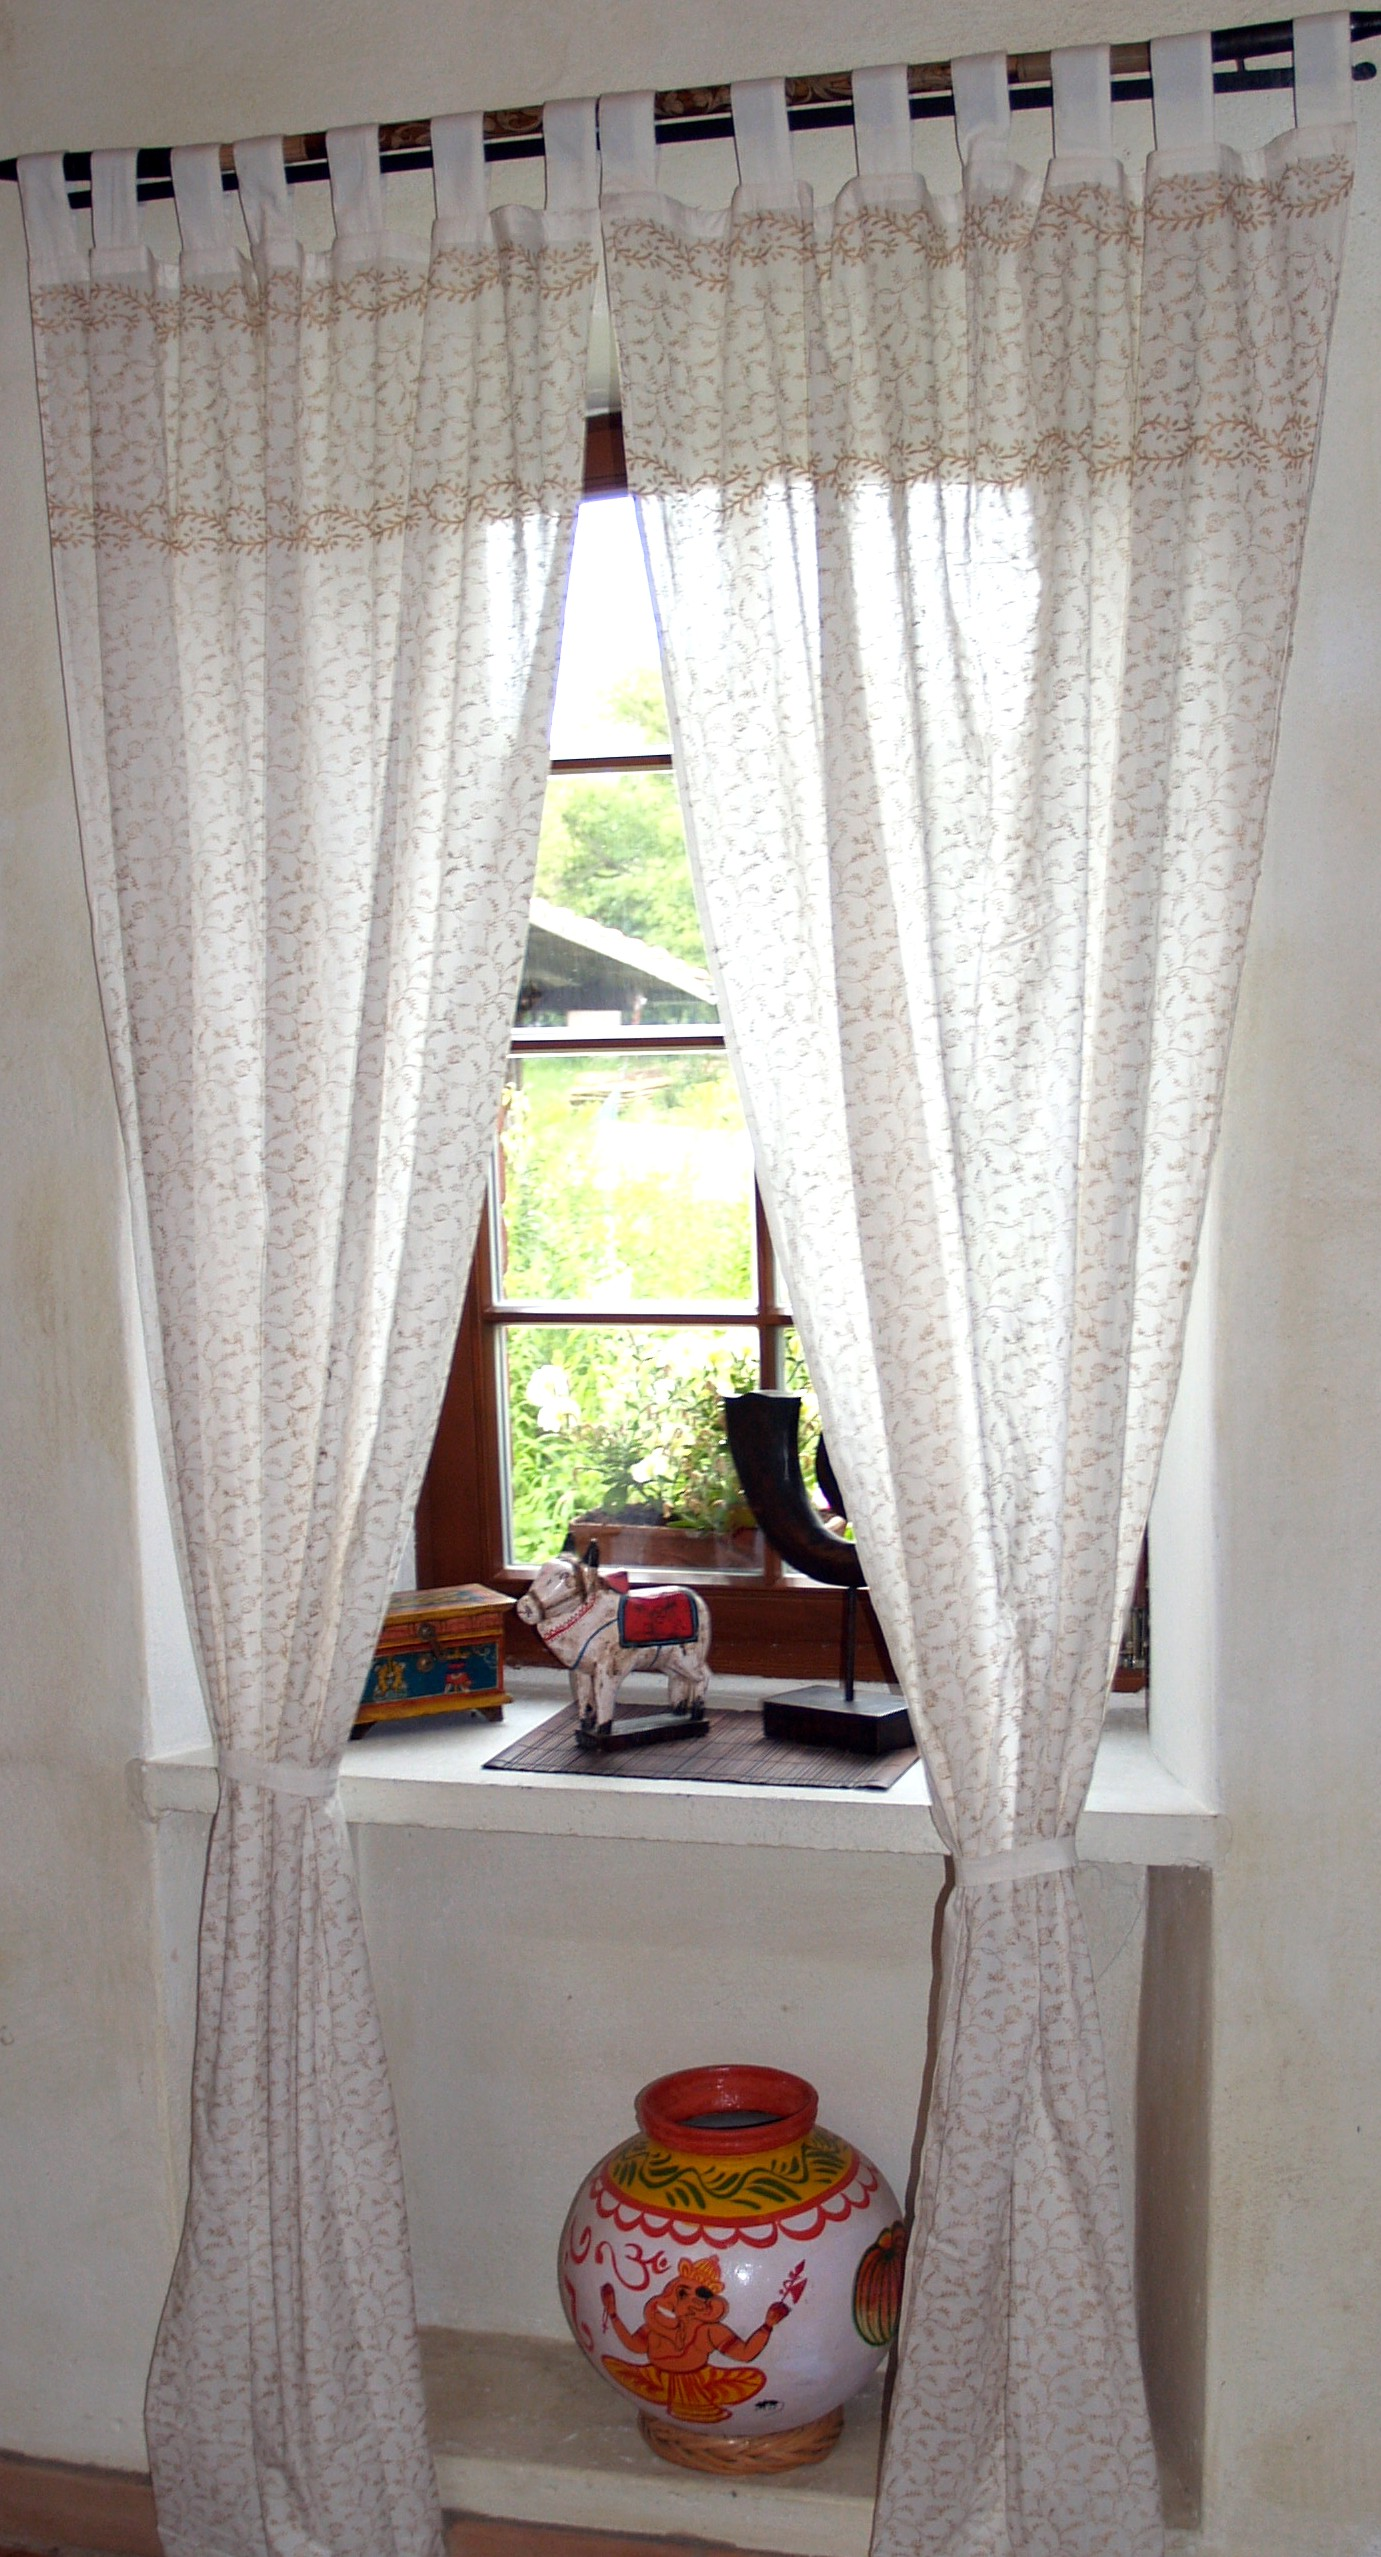 Orientalische Vorhang, Gardine (1 Paar Vorhänge, Gardinen), Golddruck - 100 cm